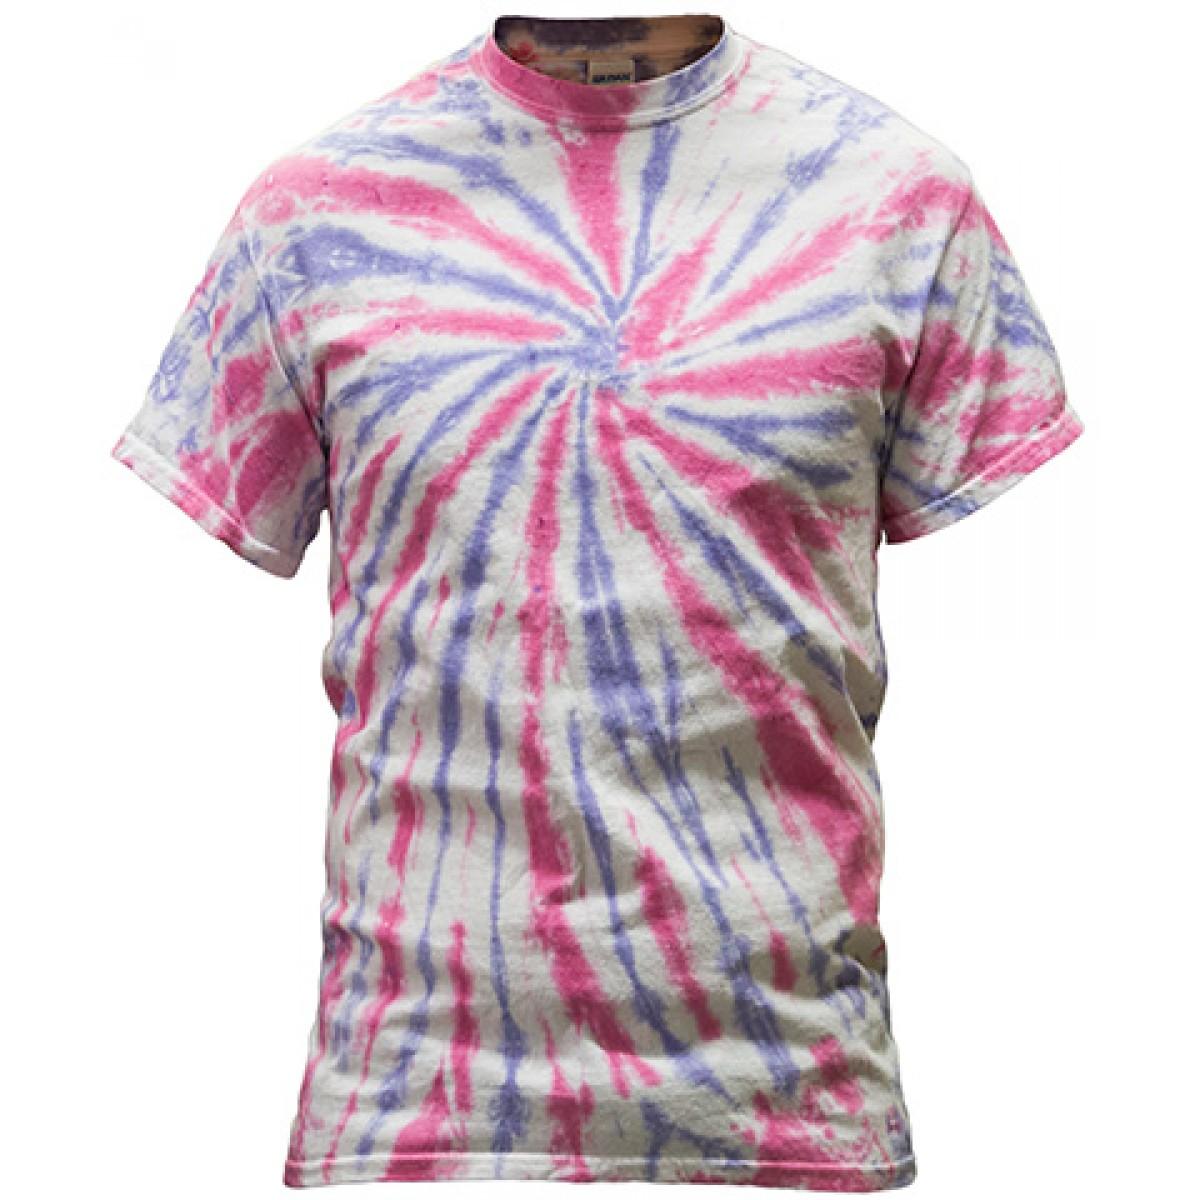 Multi-Color Tie-Dye Tee -Pink/Purple-S